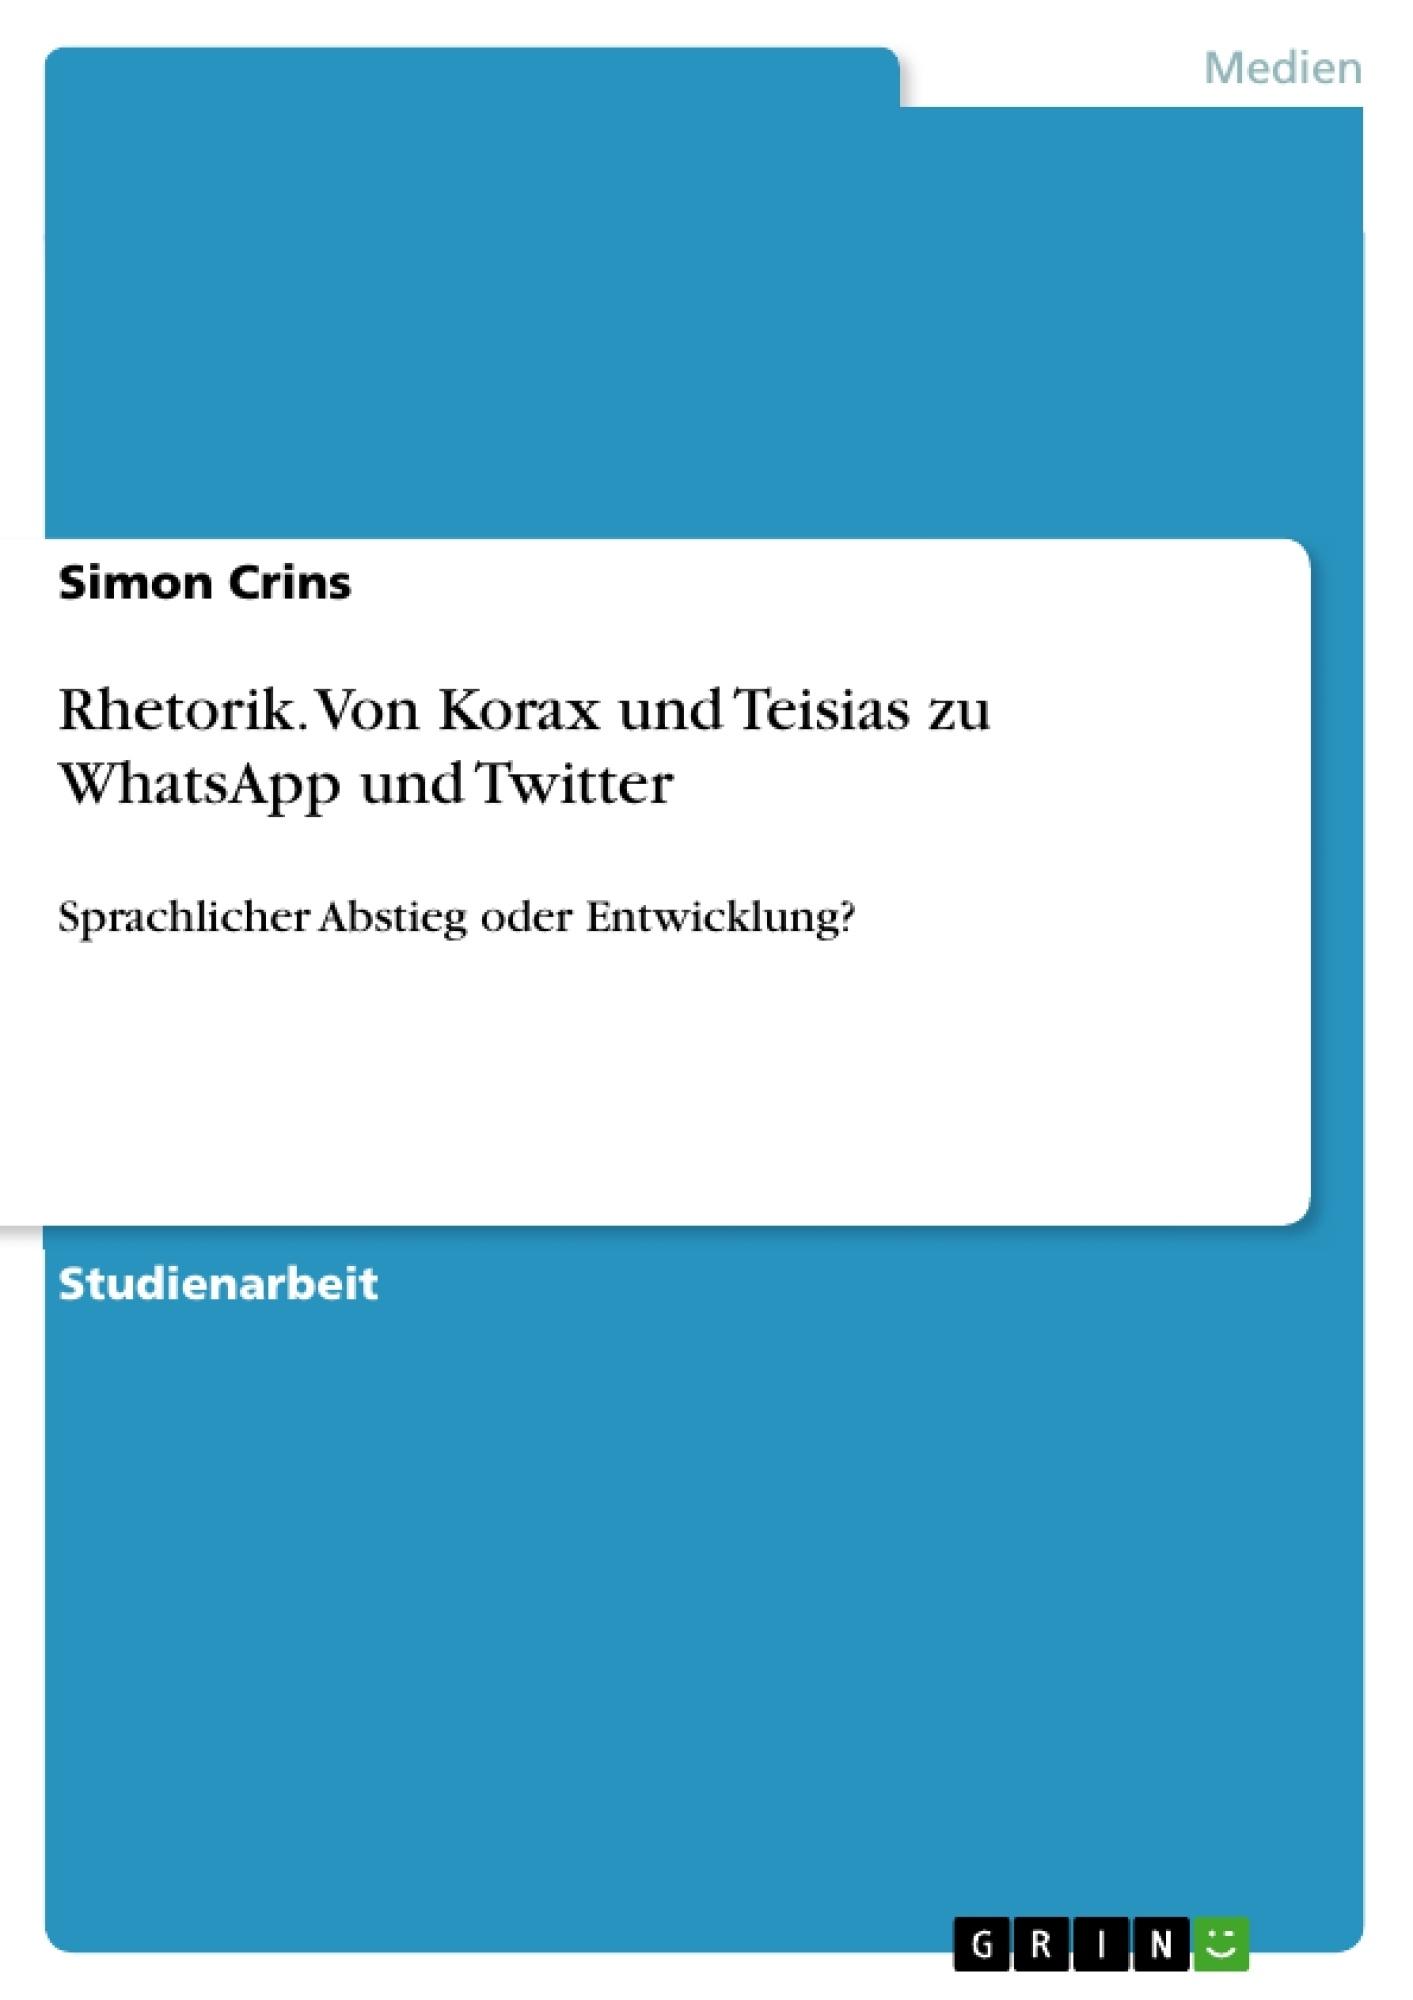 Titel: Rhetorik. Von Korax und Teisias zu WhatsApp und Twitter